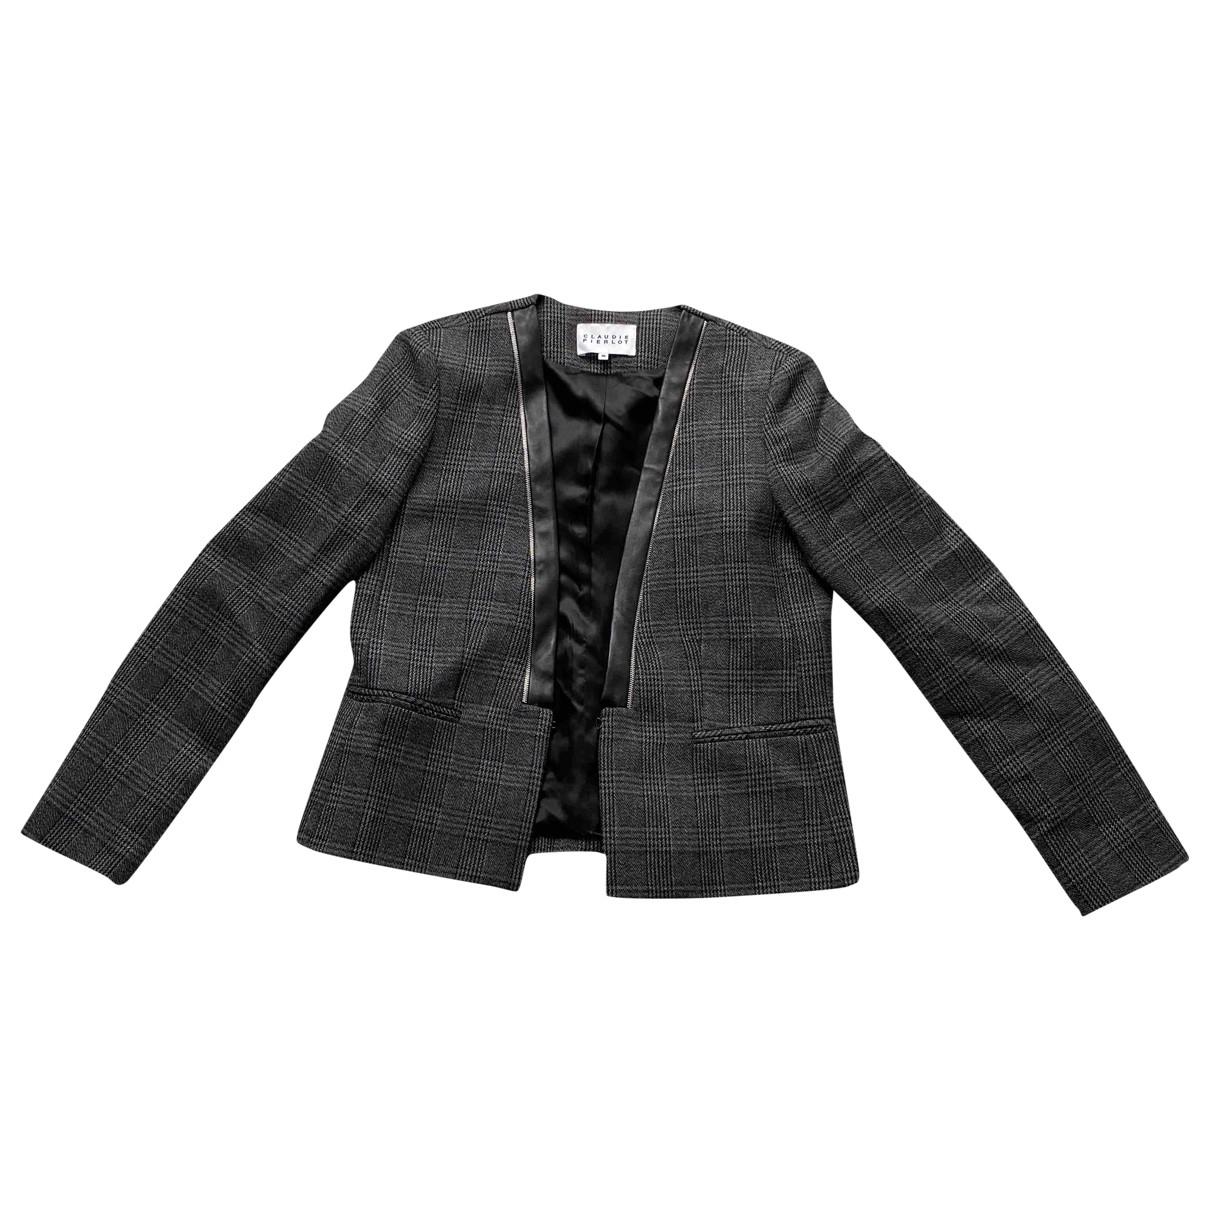 Claudie Pierlot \N Grey jacket for Women 40 FR